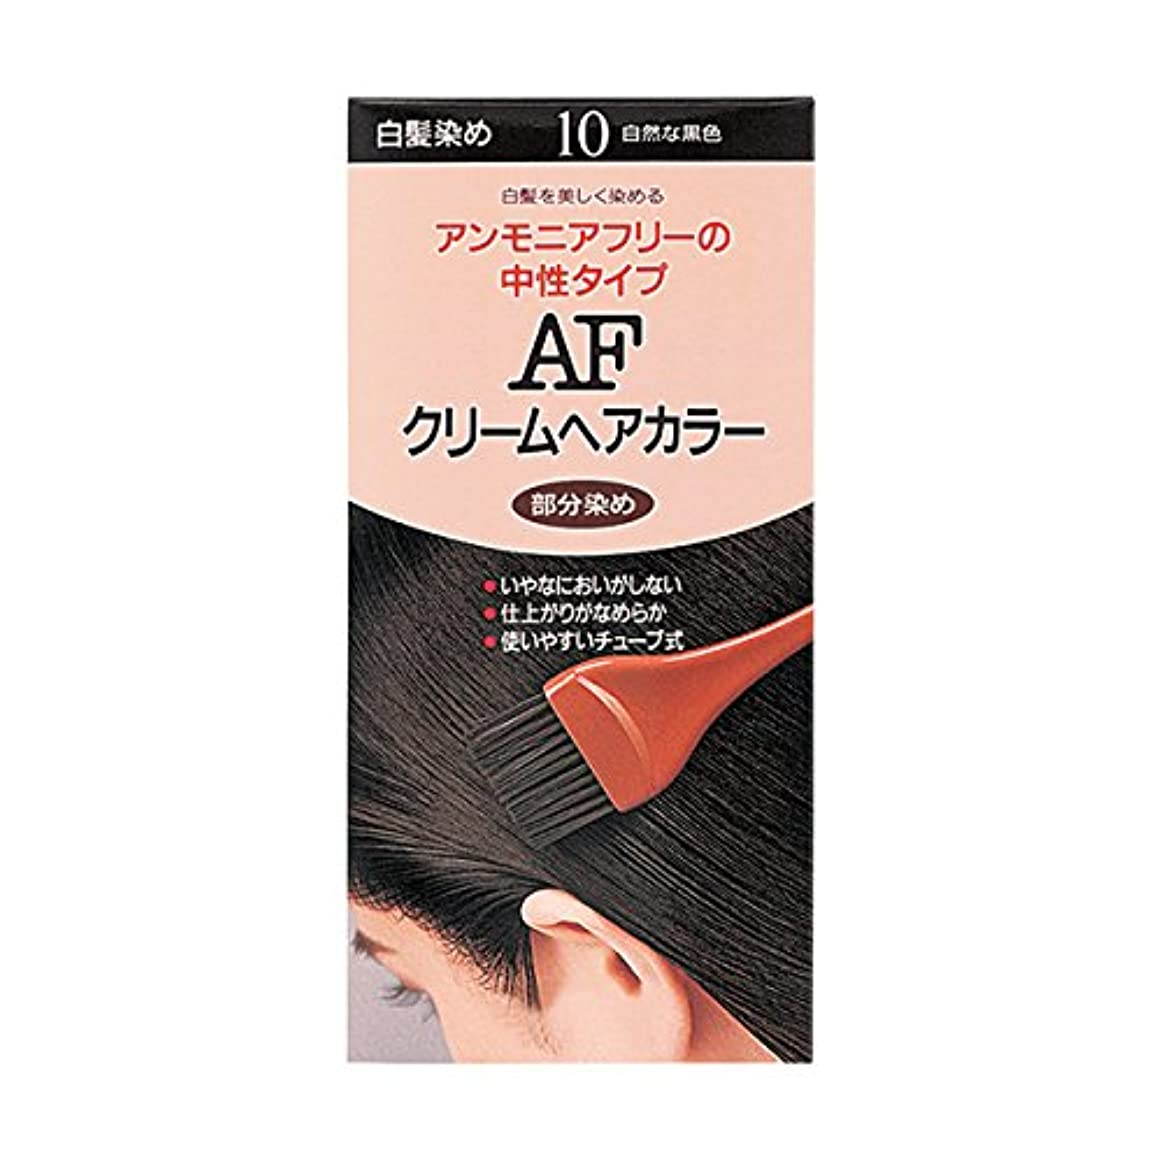 スタウト中断あえぎヘアカラー AFクリームヘアカラー 10 【医薬部外品】